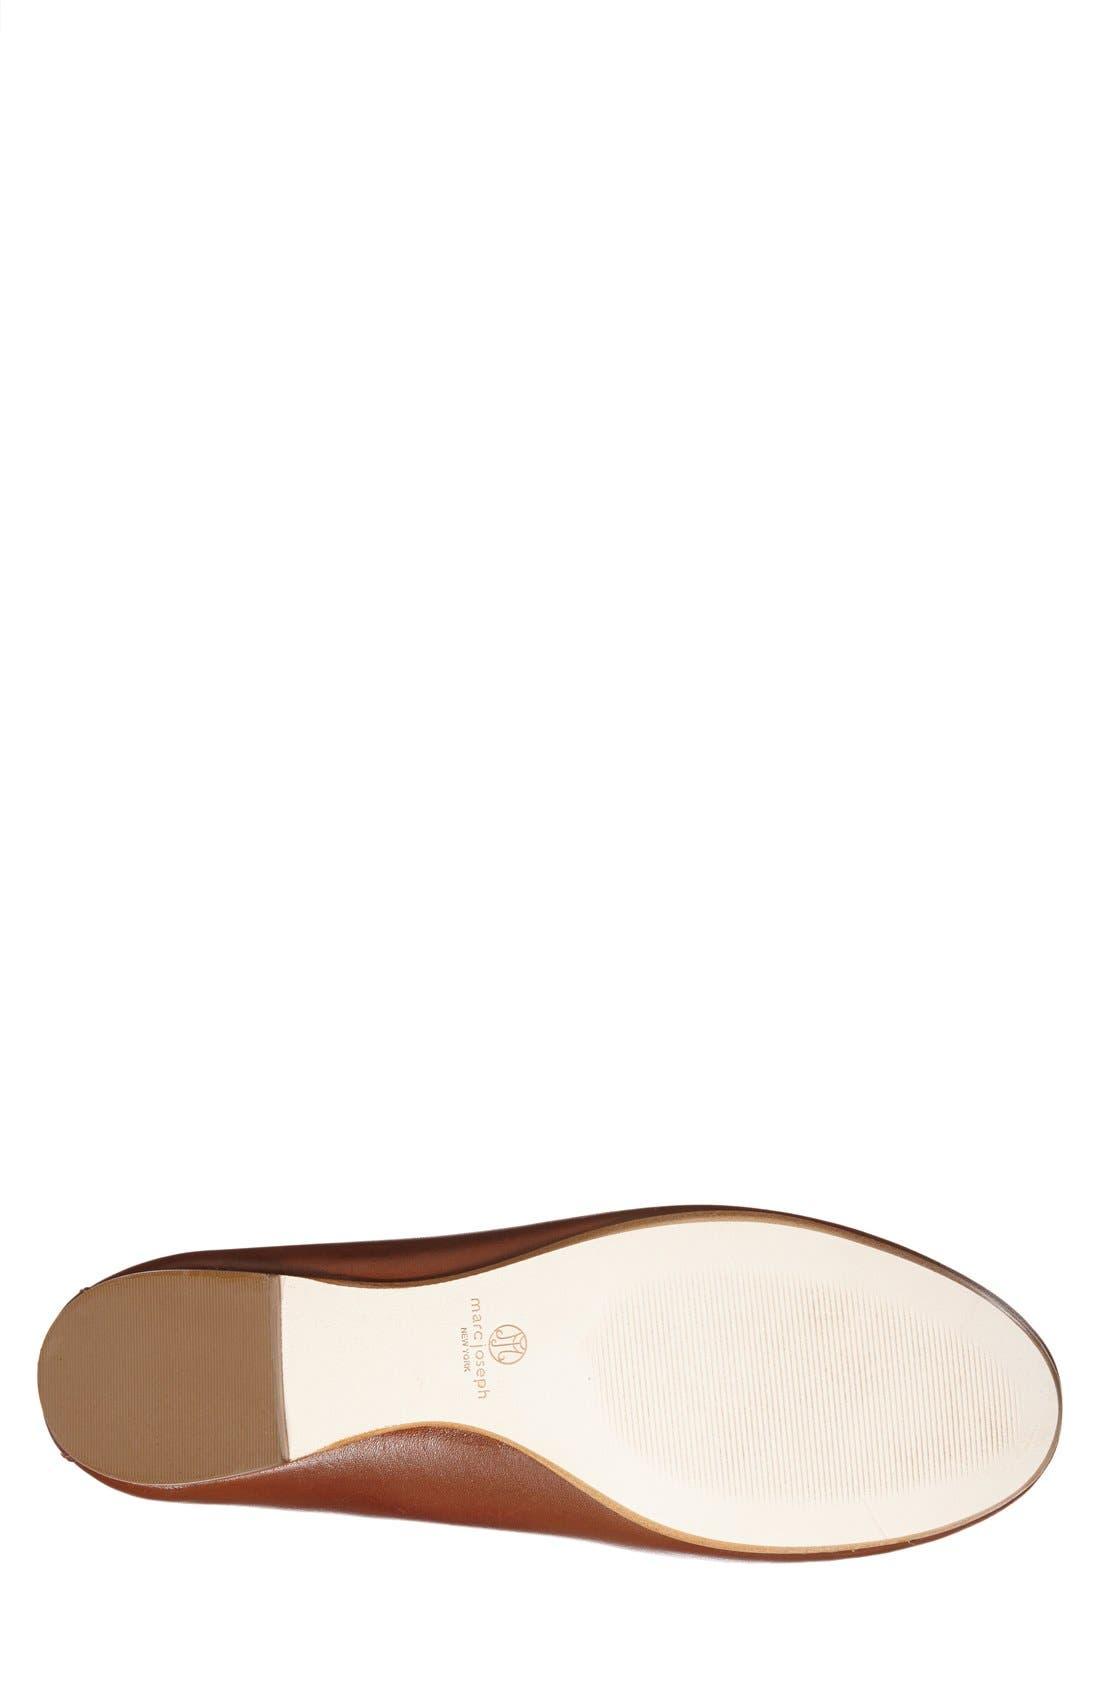 Alternate Image 4  - Marc Joseph New York 'Grand St.' Calfskin Leather Loafer